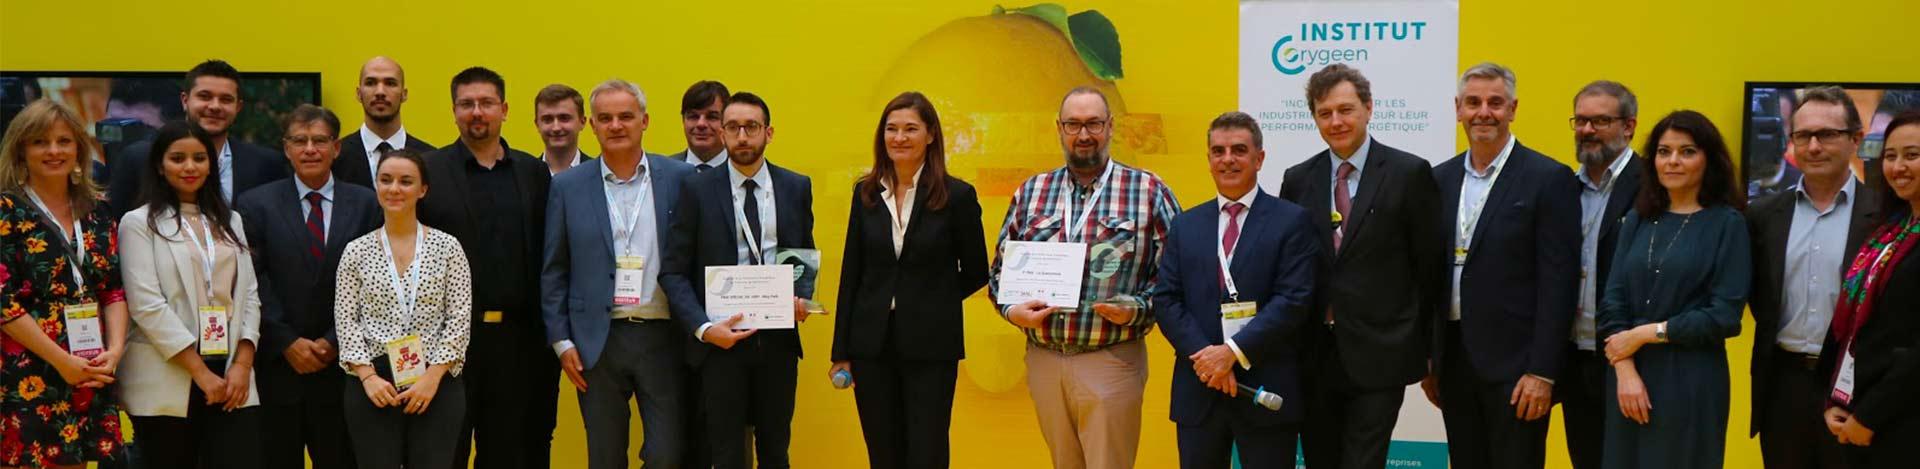 Laureats et organisateurs Trophées 2018